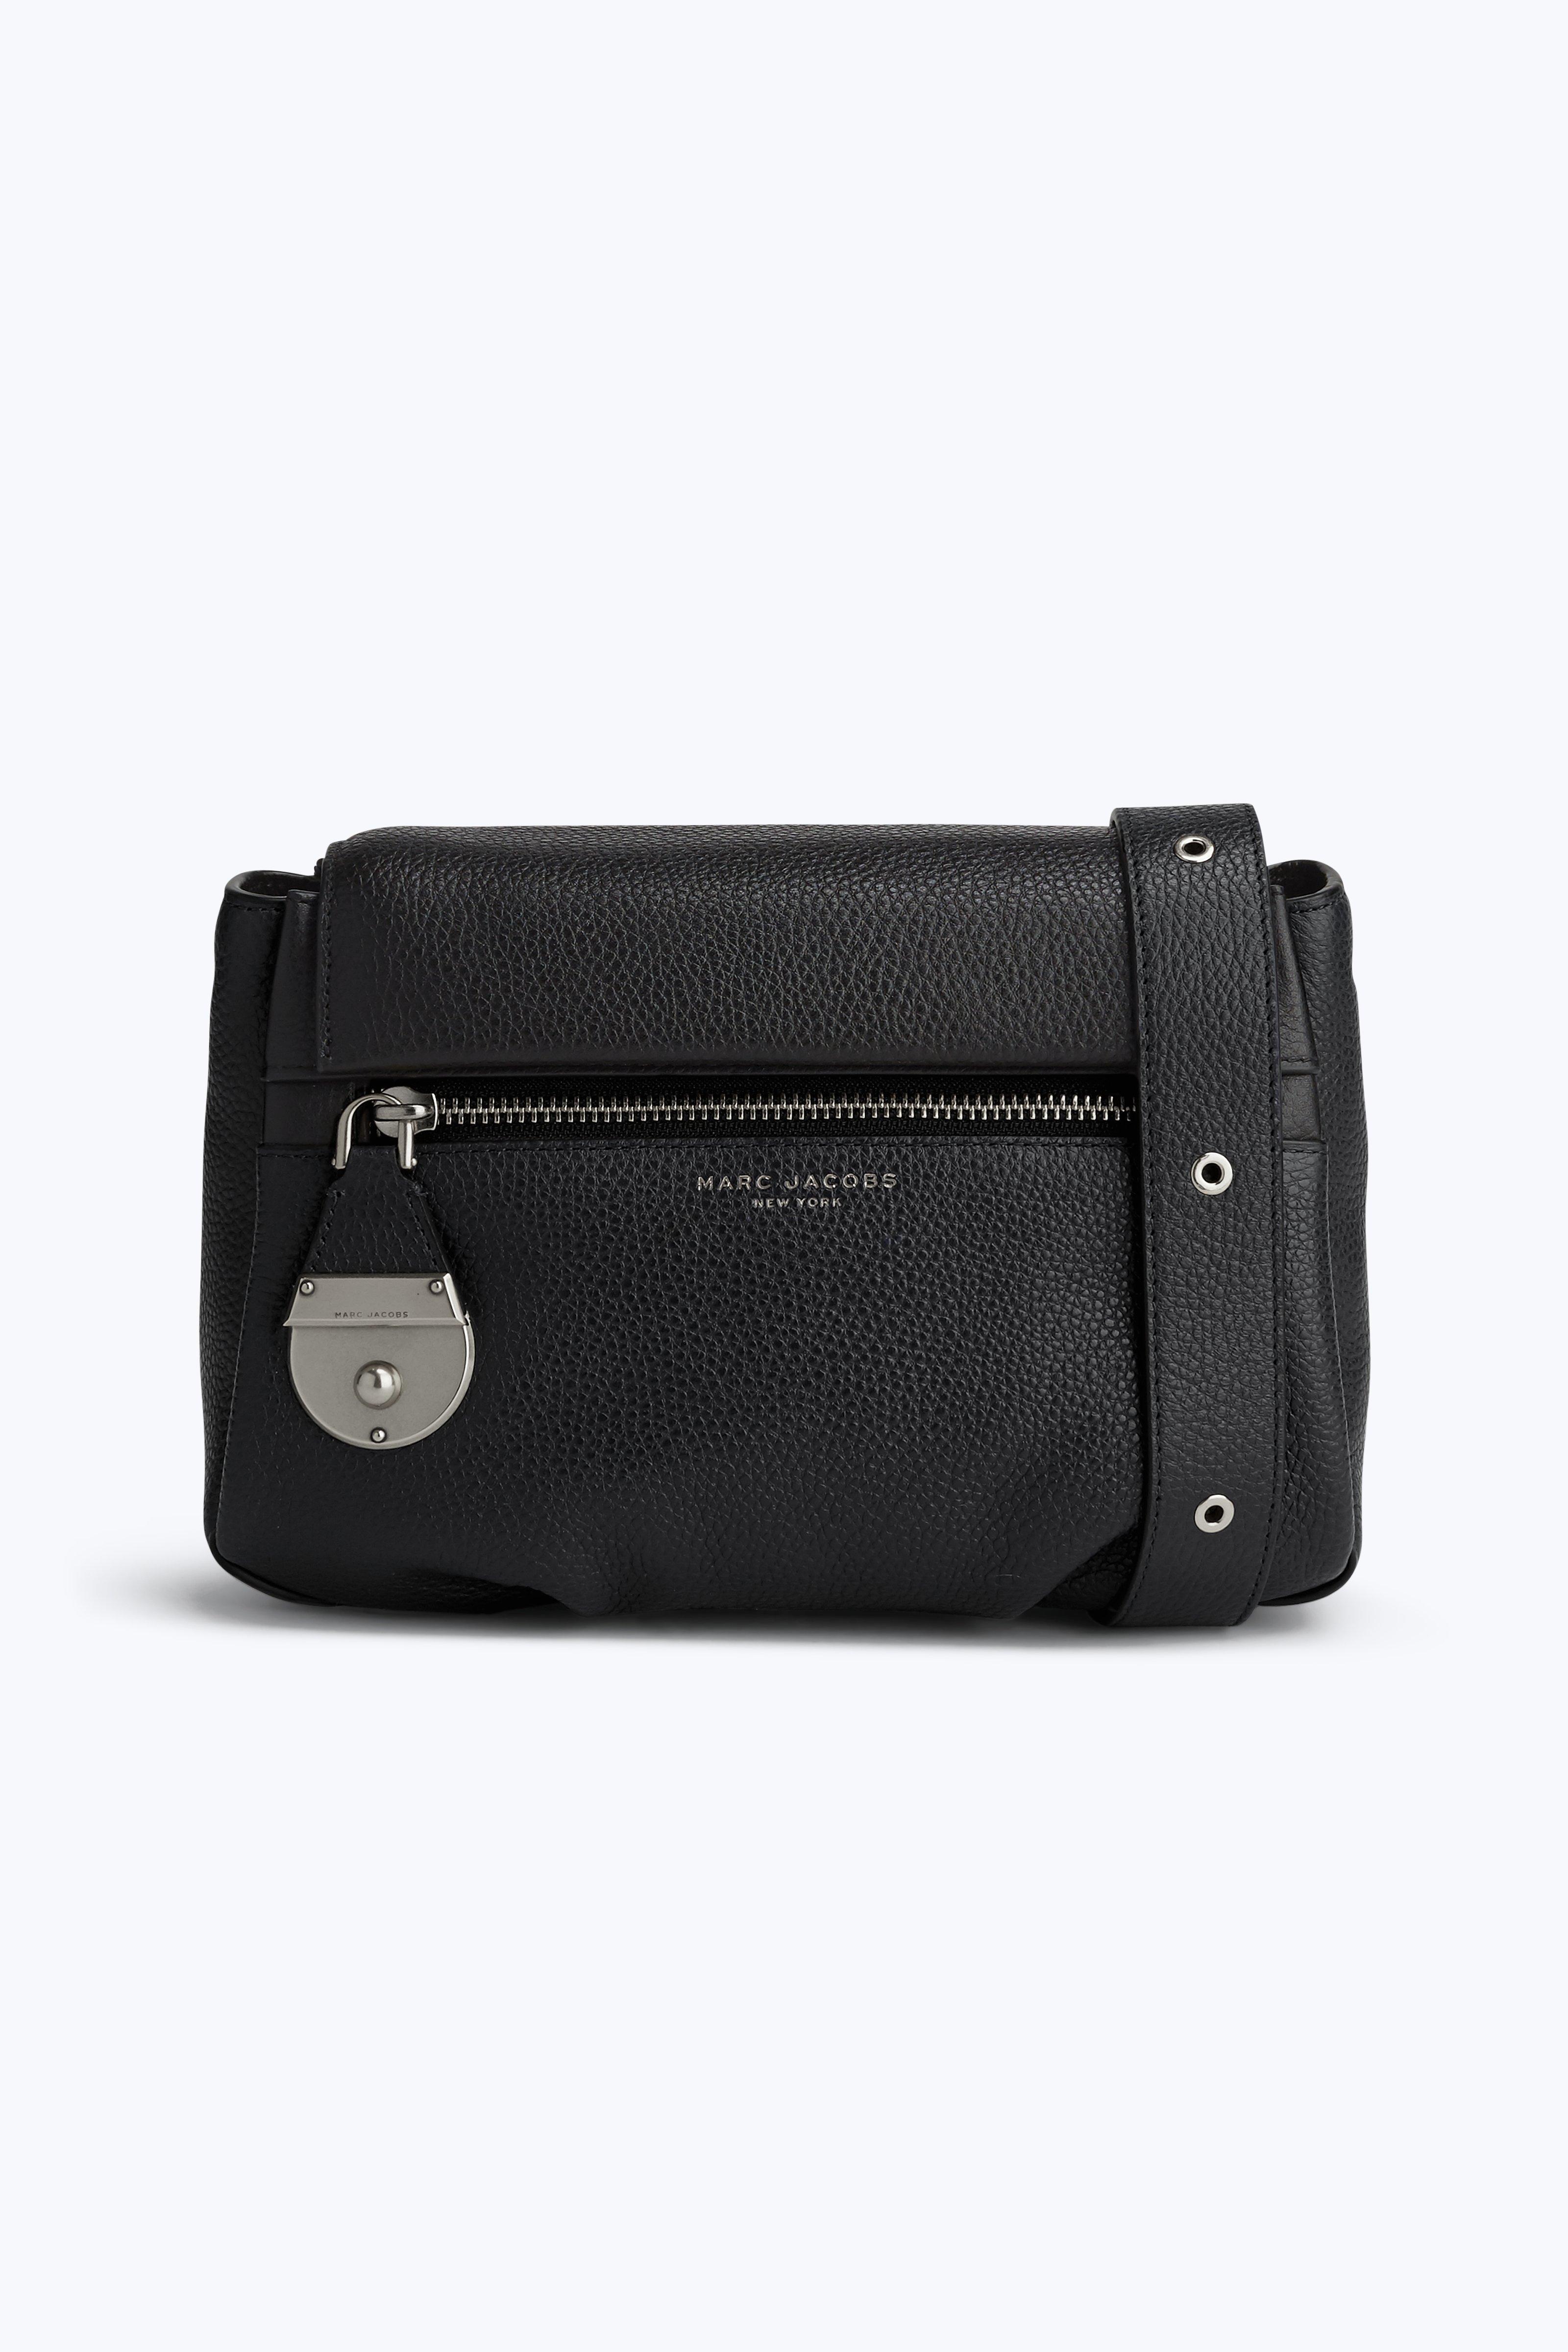 Marc Jacobs Mini The Standard Shoulder Bag In Black